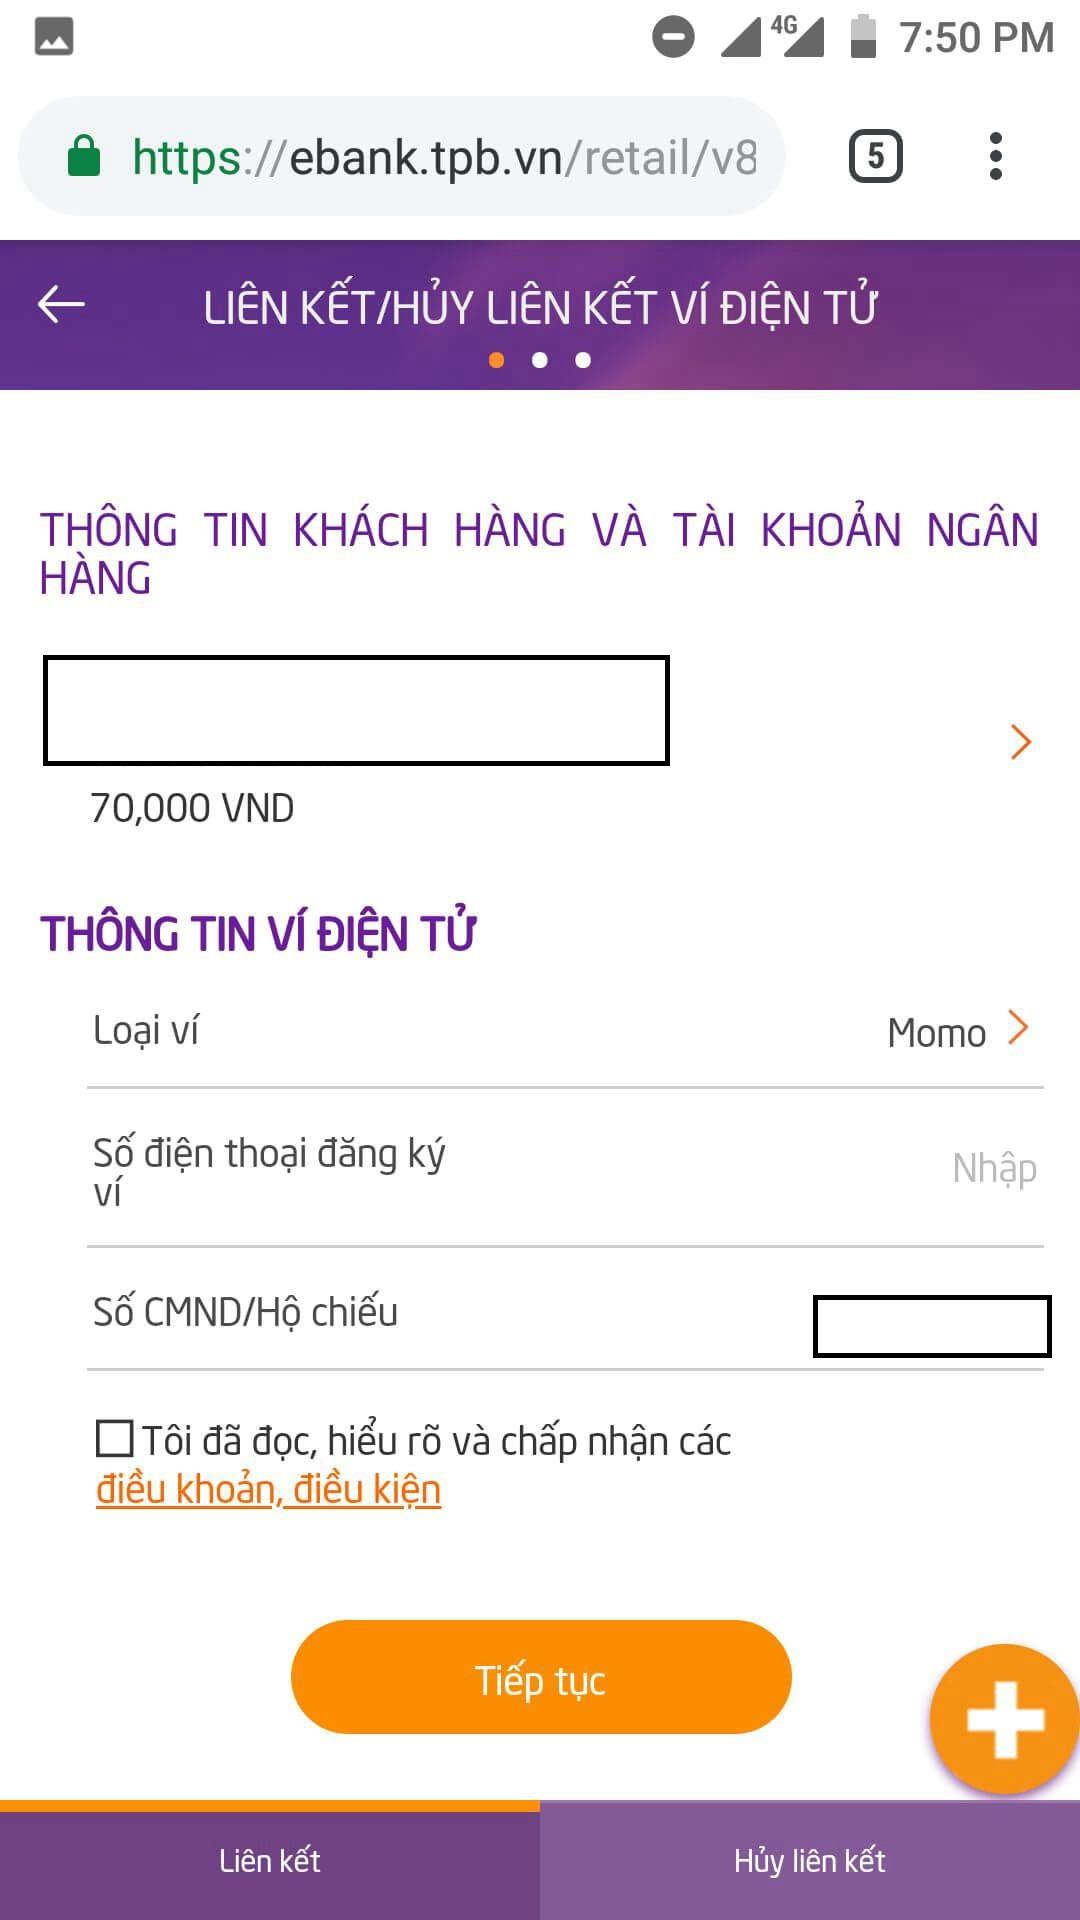 liên kết ví điện tử momo với ngân hàng tpbank 4